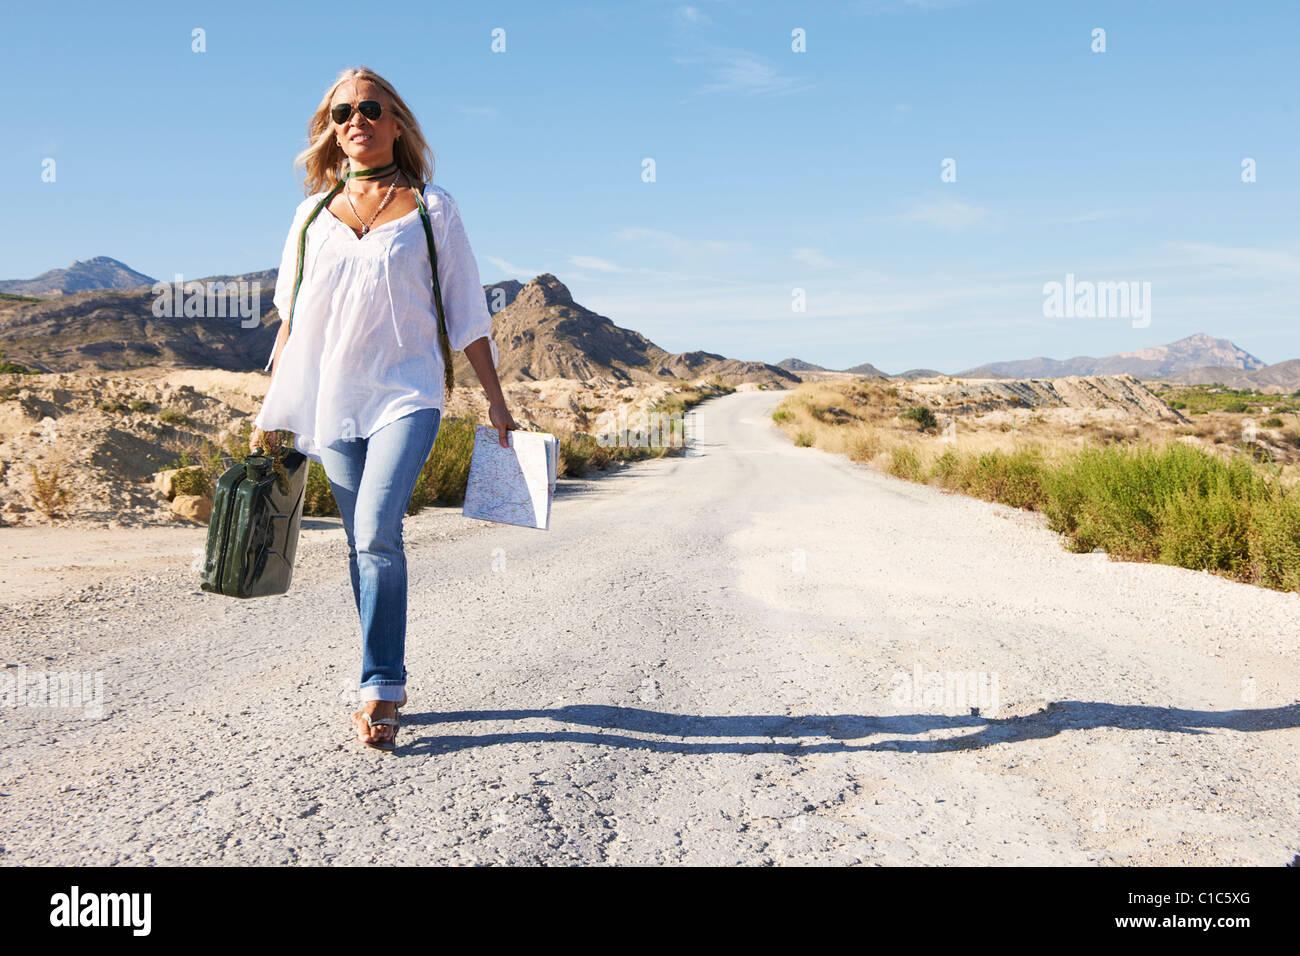 Woman walking alone on dusty road - Stock Image